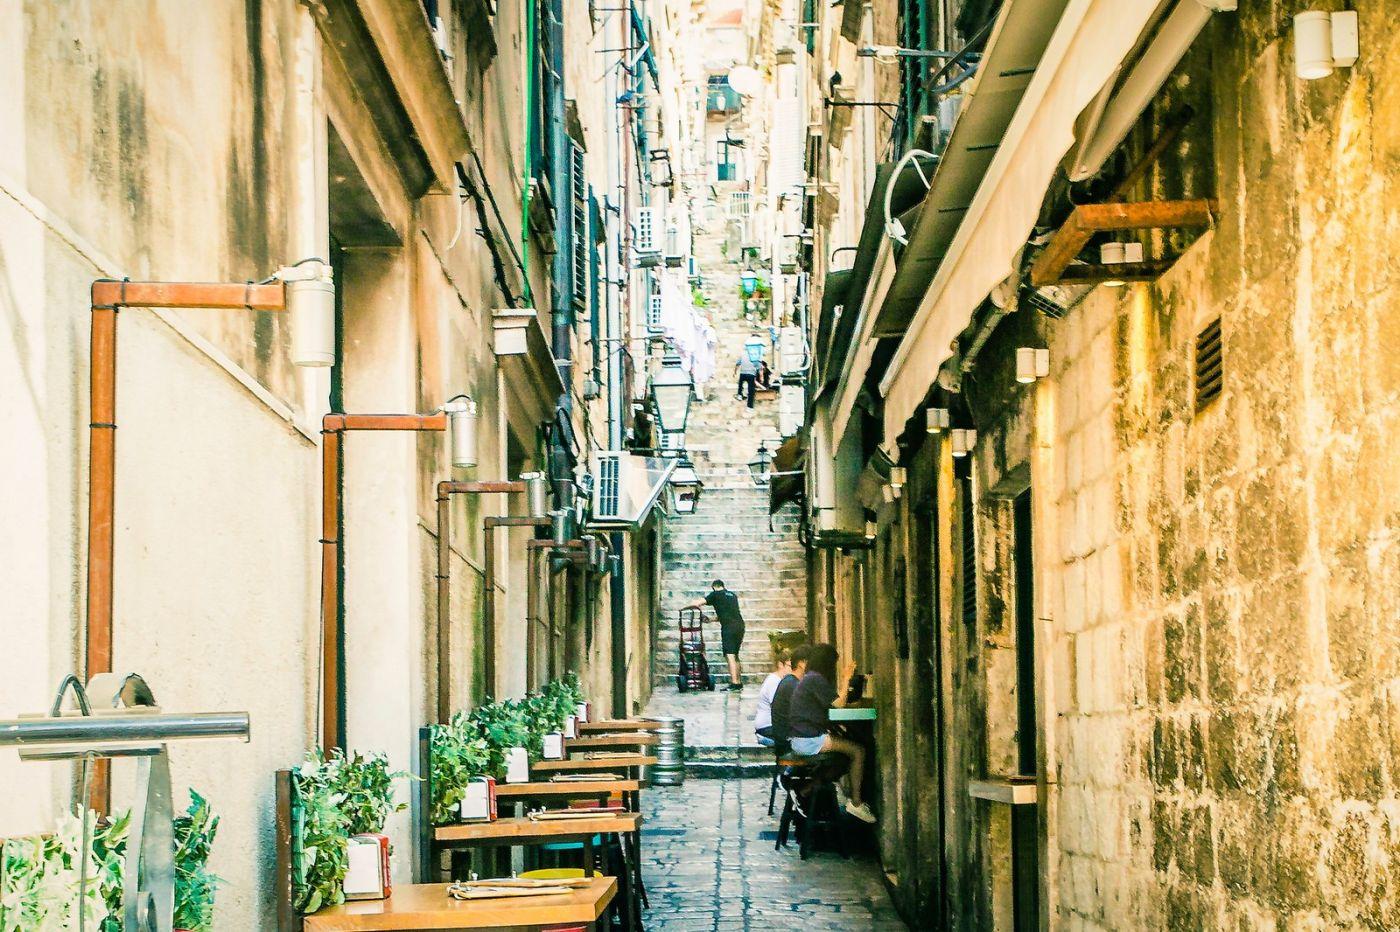 克罗地亚杜布罗夫尼克(Dubrovnik),古城小巷_图1-4